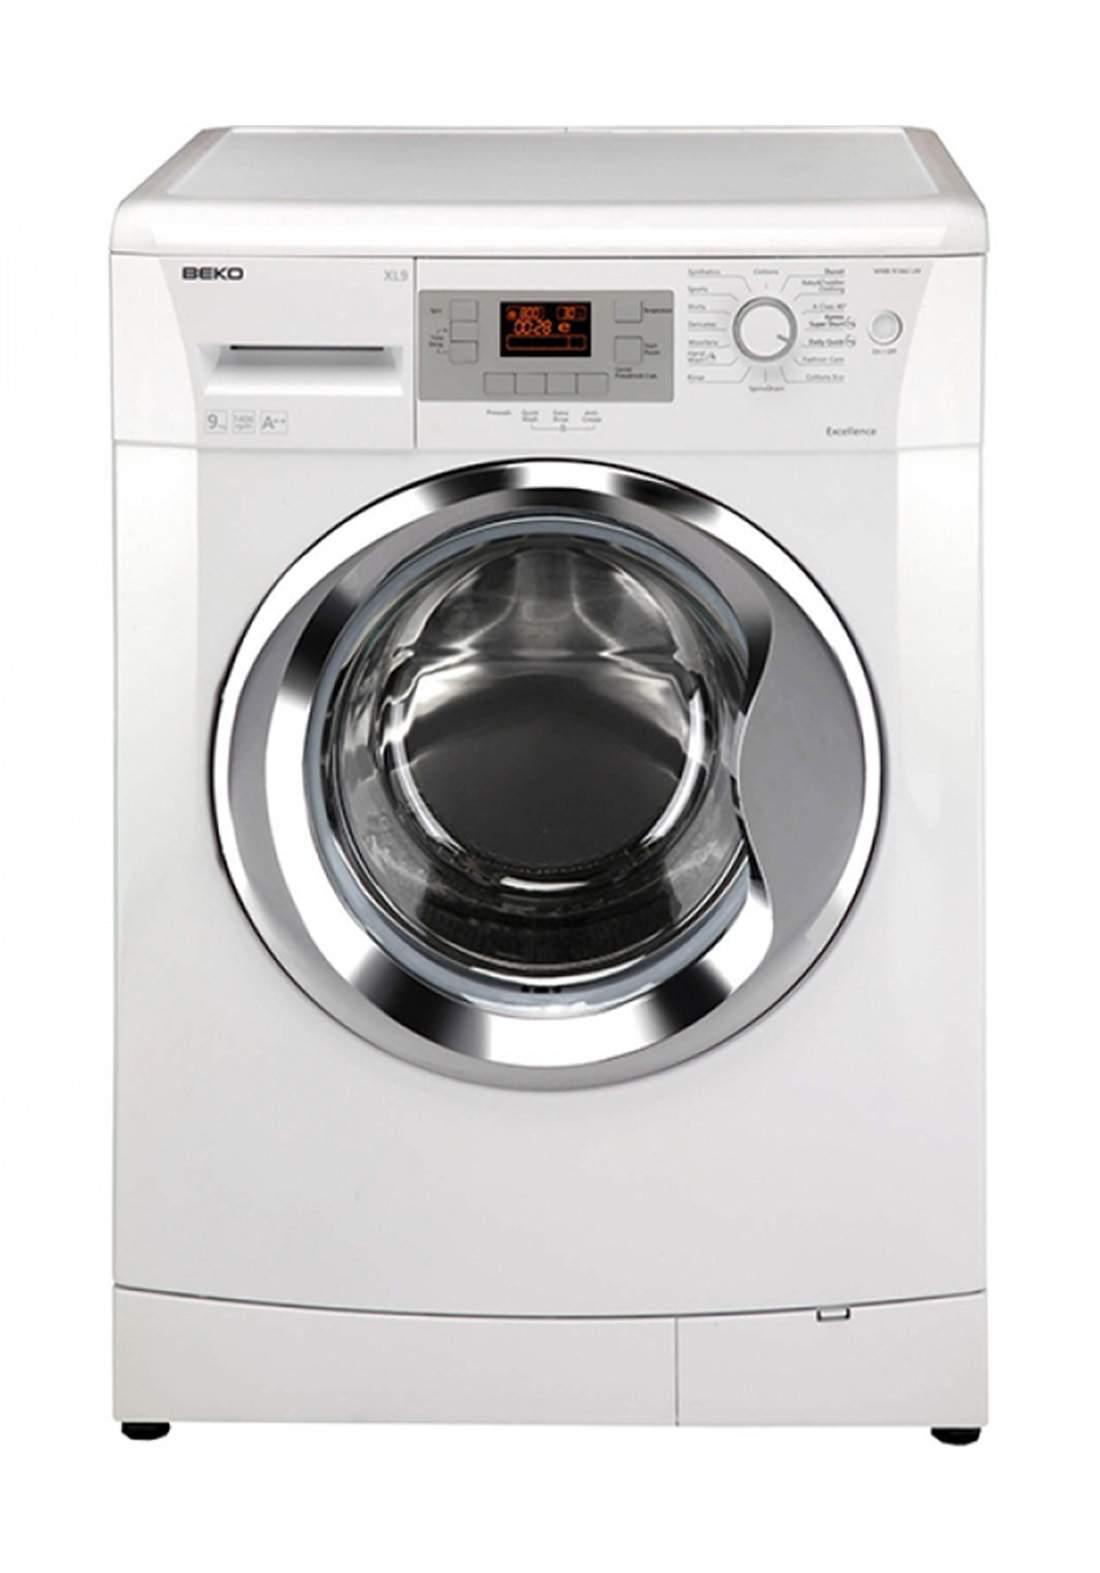 Beko WMB 91442LW Freestanding Washing Machine 9 kg - White غسالة أوتماتيك